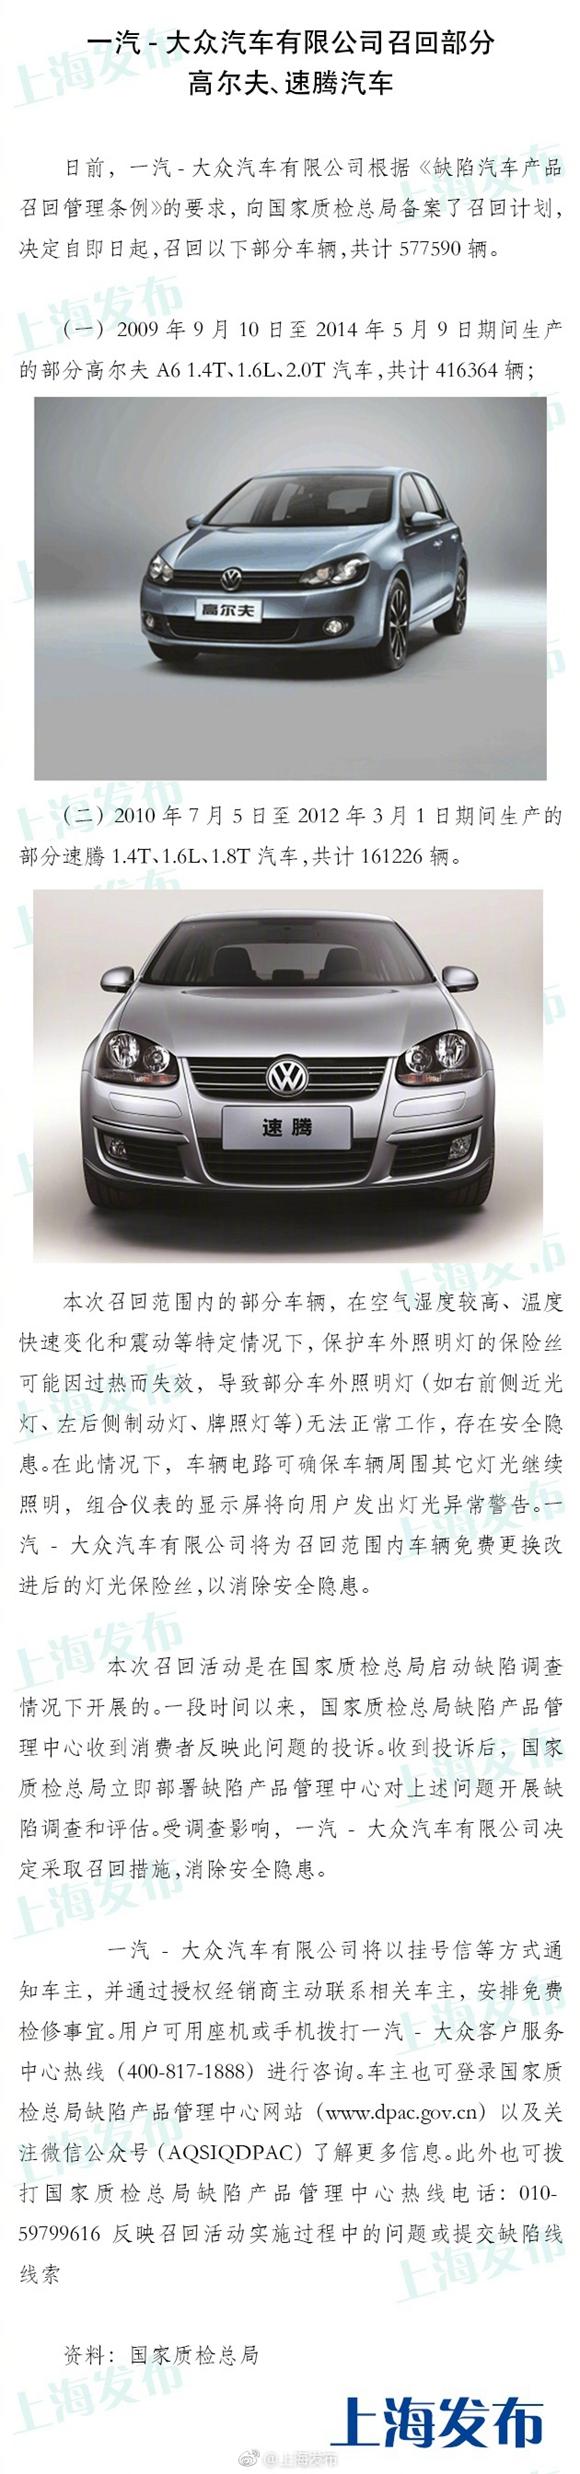 一汽-大众汽车有限公司召回577590辆高尔夫、速腾汽车(图)